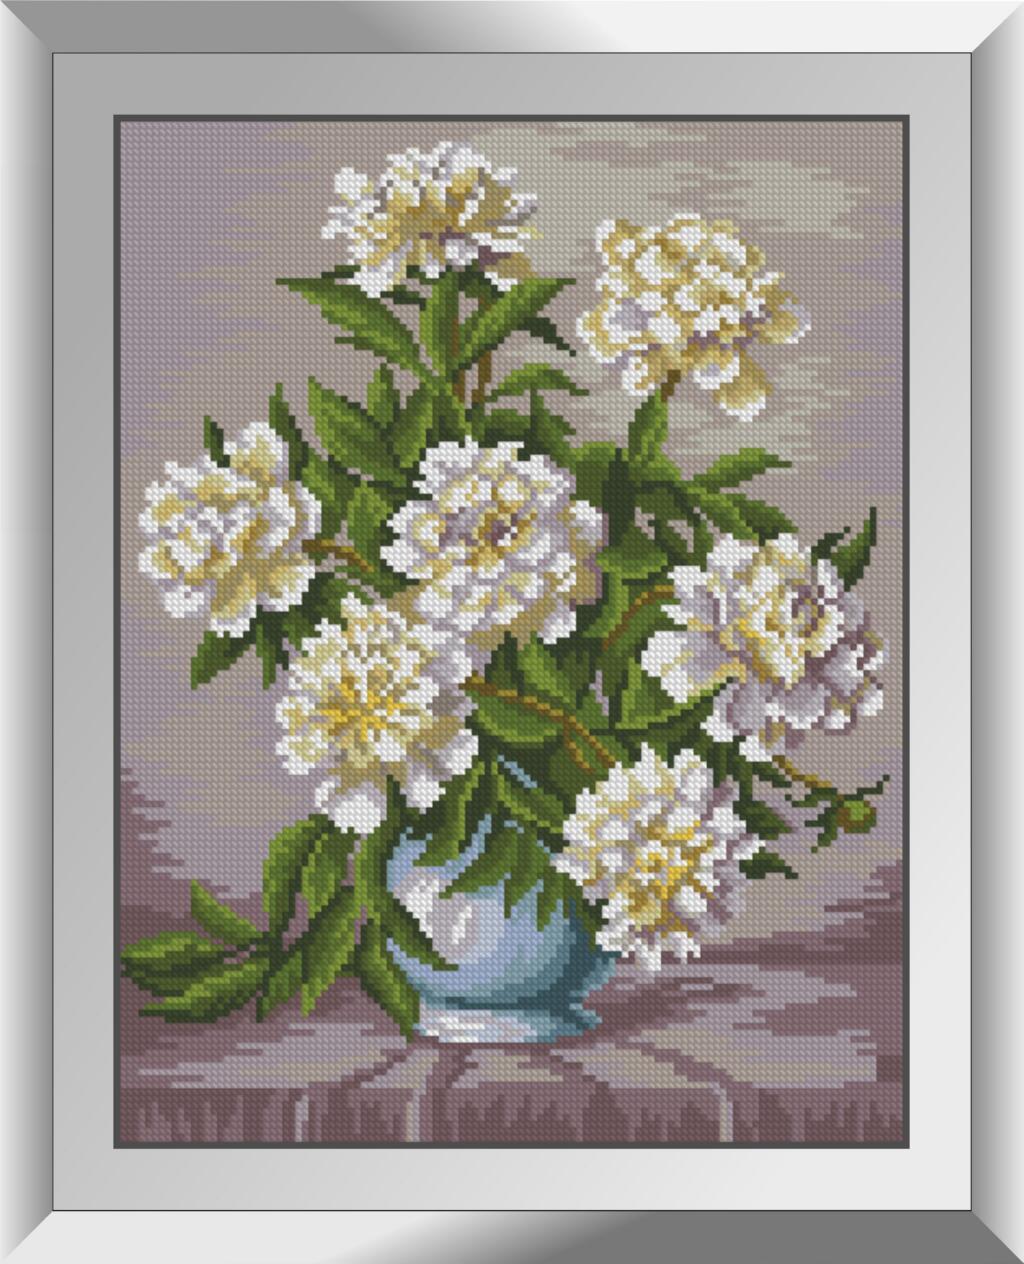 Алмазная мозаика Нежная красота Dream Art квадратные стразы, полная зашивка. Набор алмазной вышивки